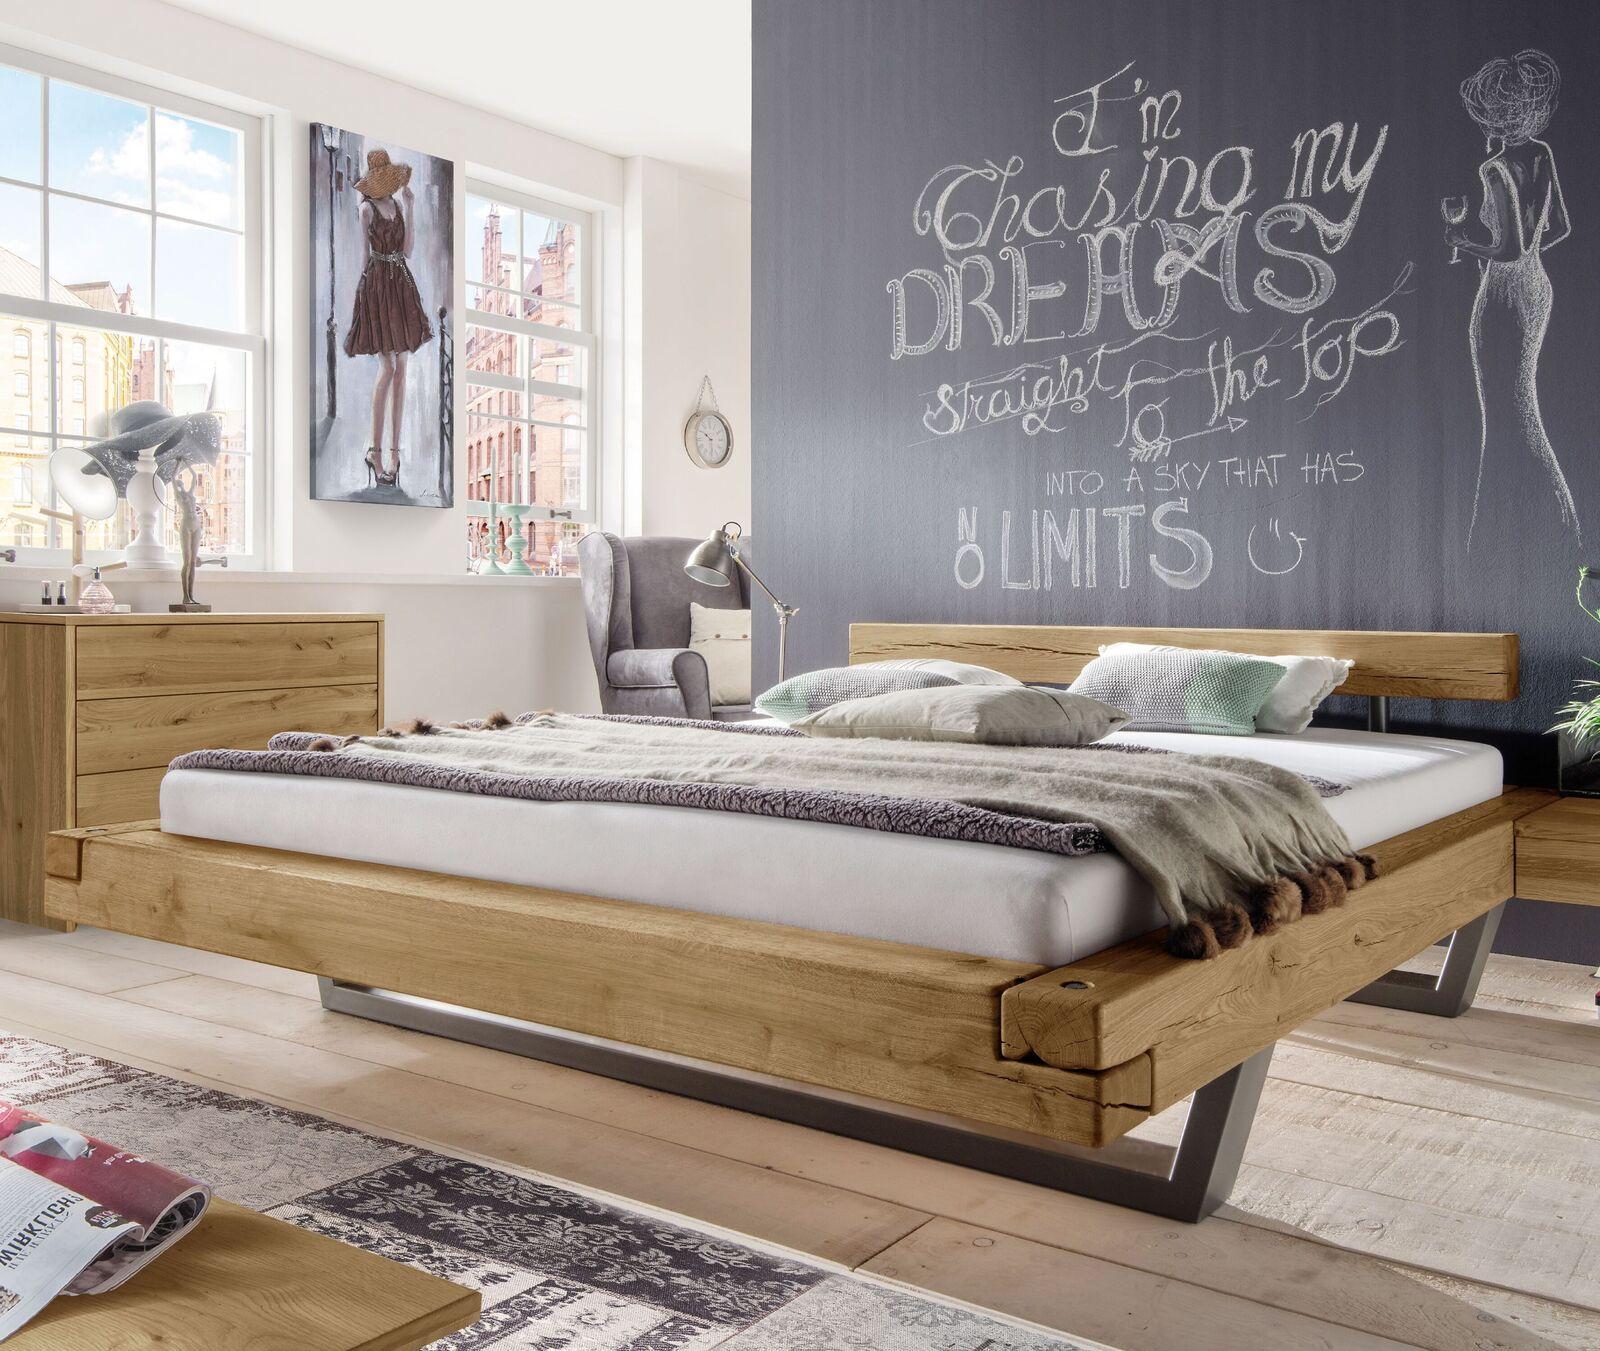 Modernes Bett Darica Mit Schwebeoptik Trendiges Industrial Design: Das  Schwebebett